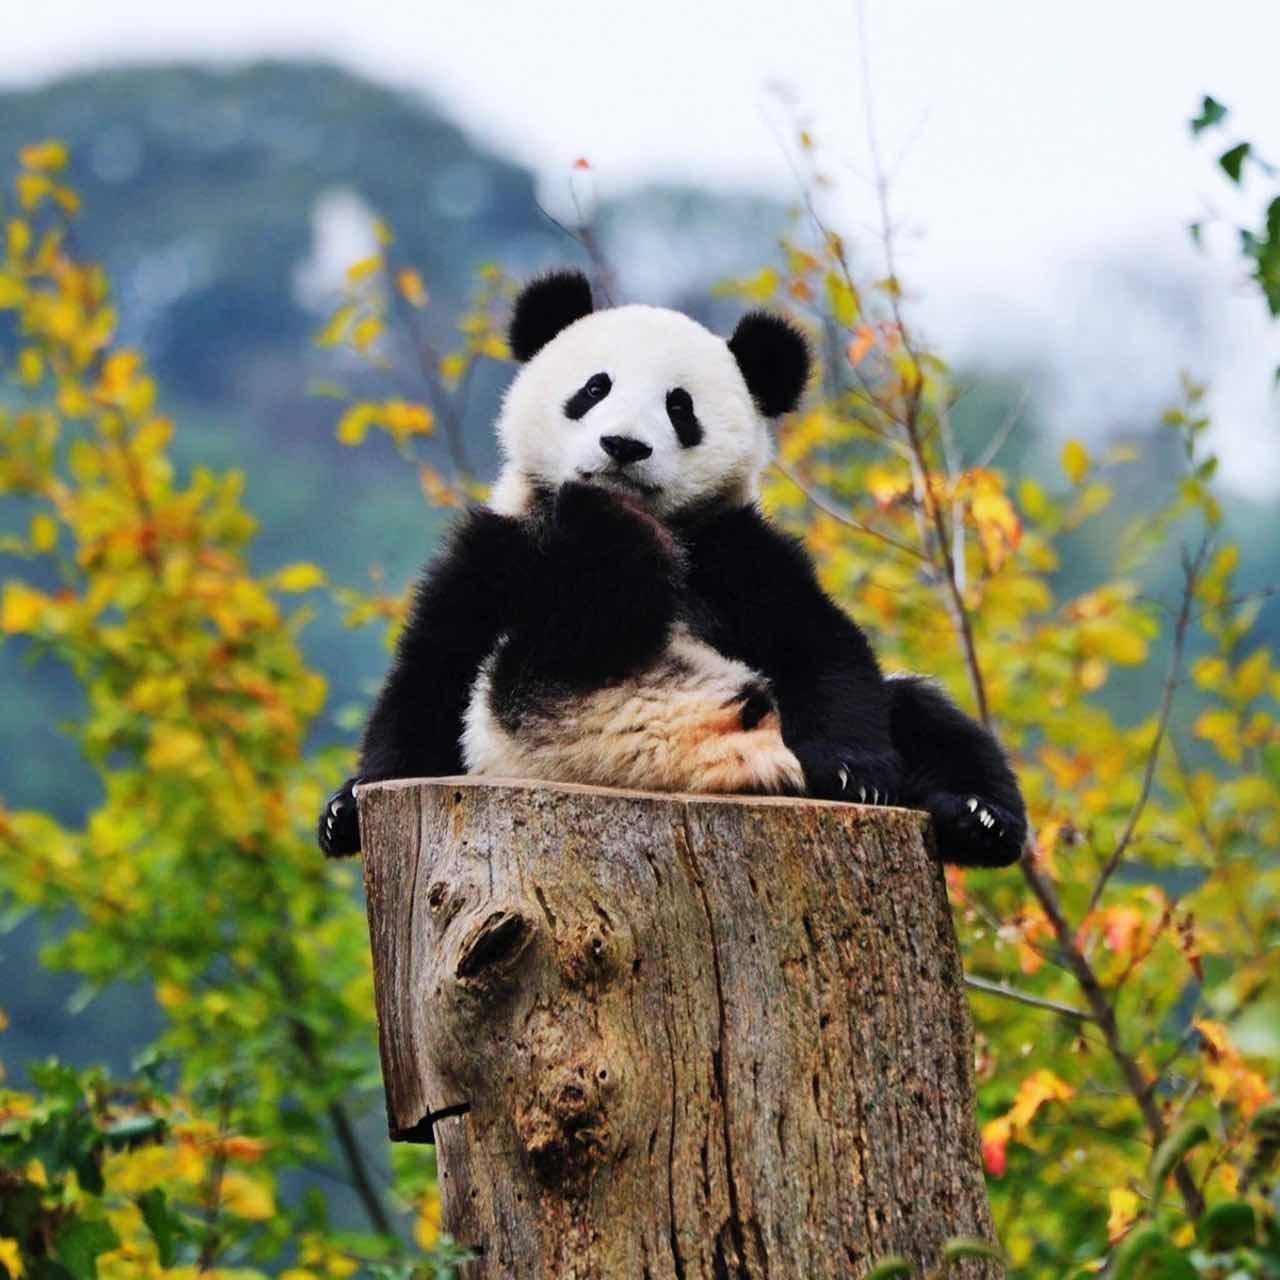 壁纸 大熊猫 动物 狗 狗狗 1280_1280